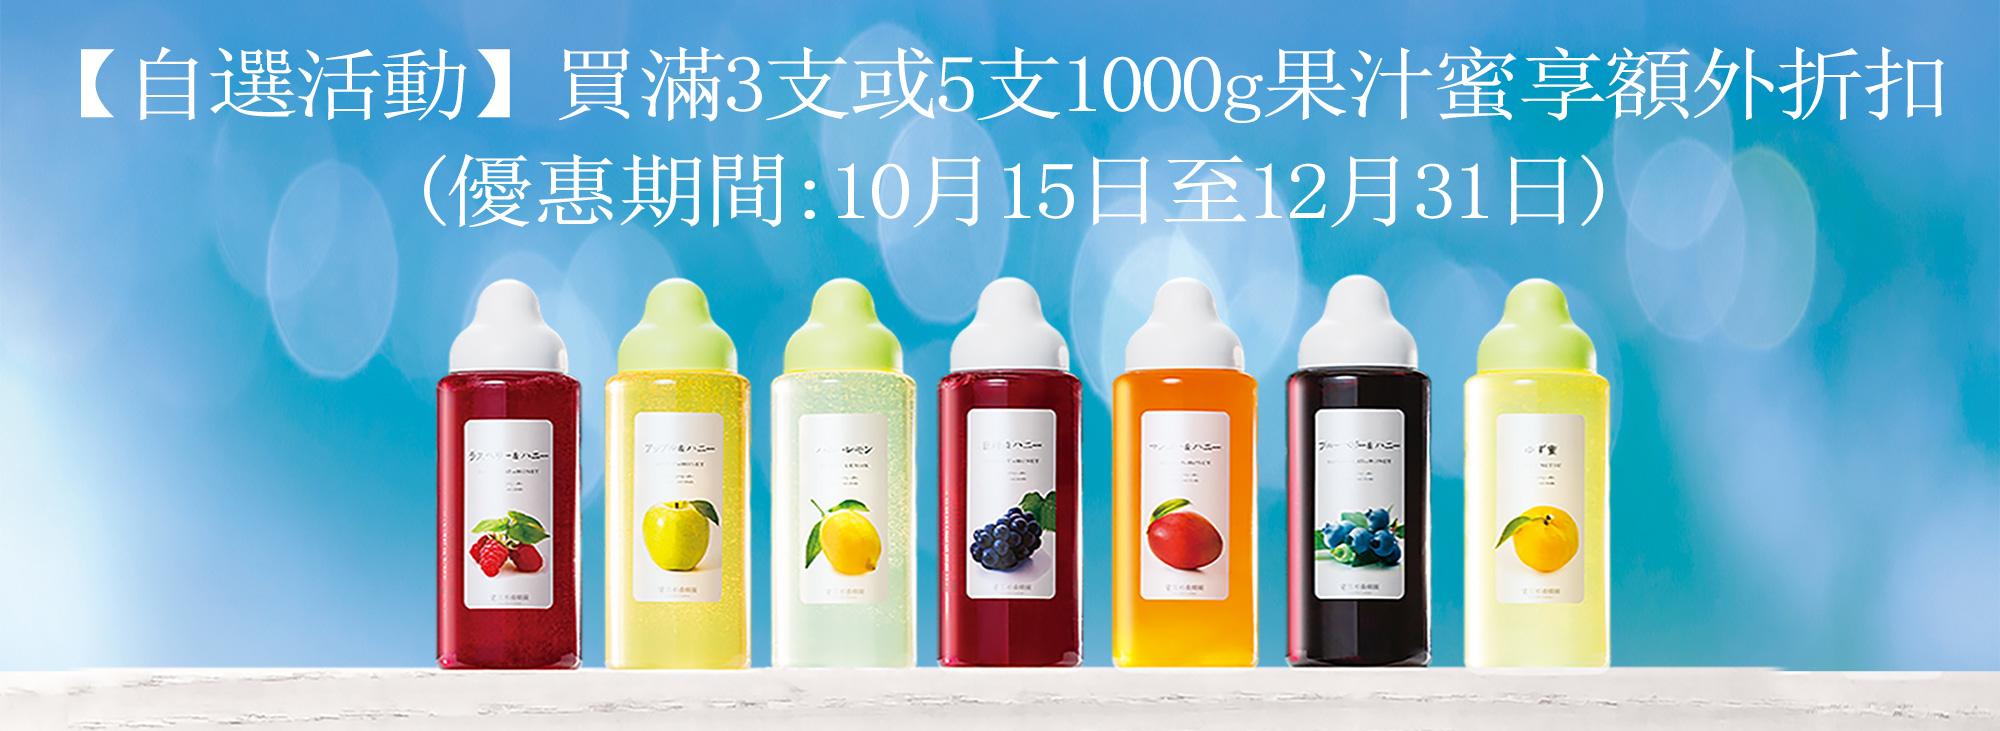 fruitjuicebanner